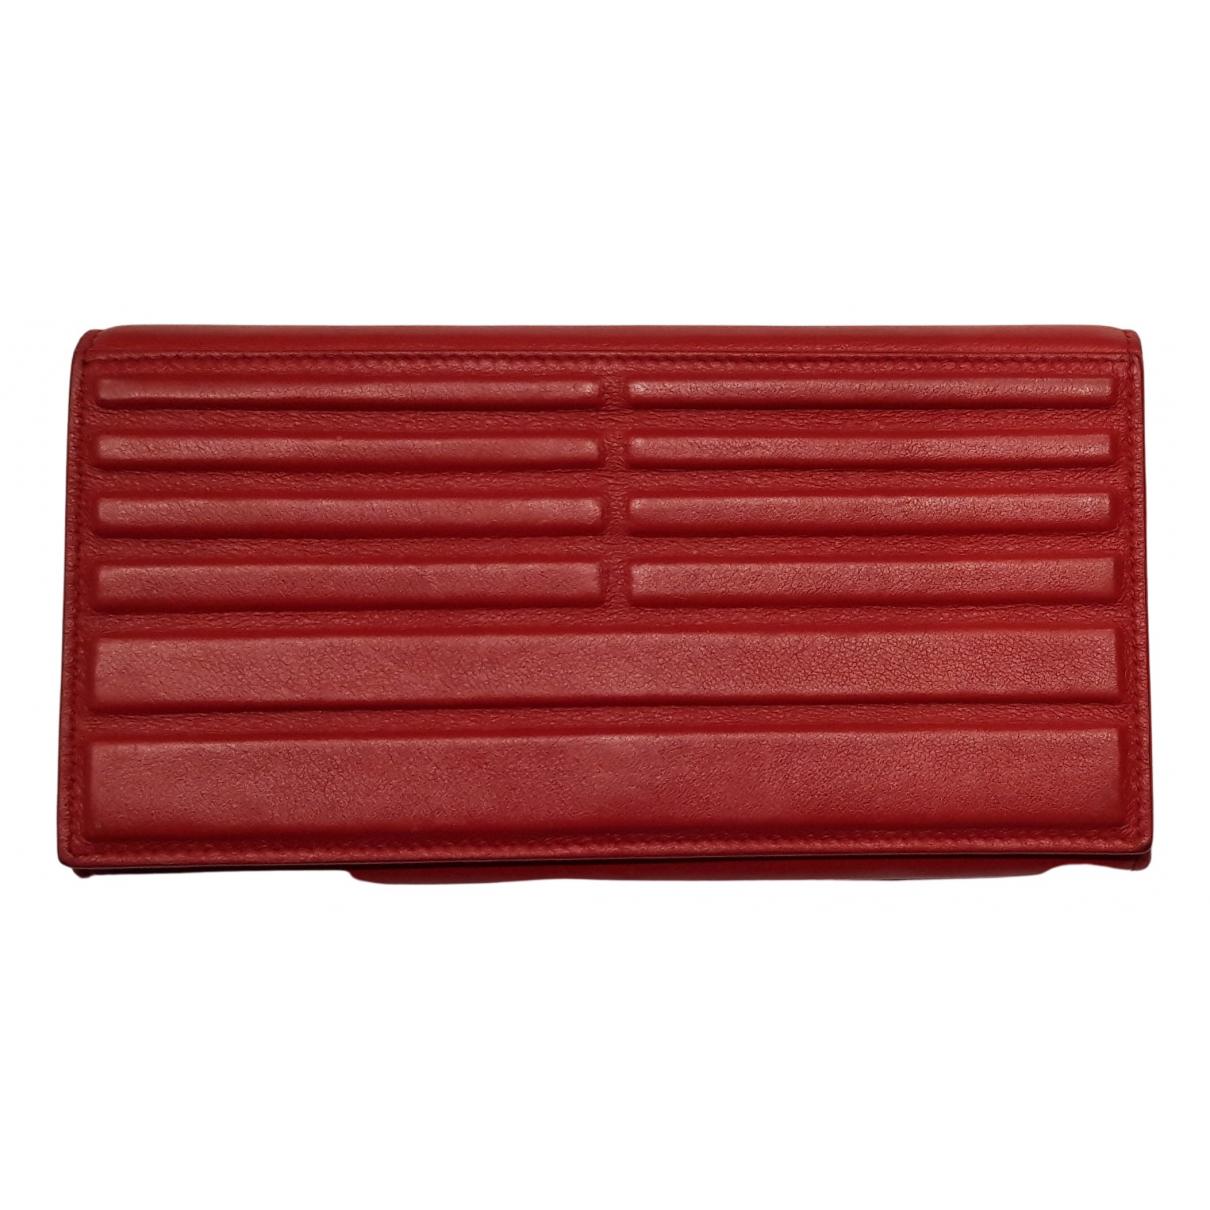 Elie Saab - Portefeuille   pour femme en cuir - rouge